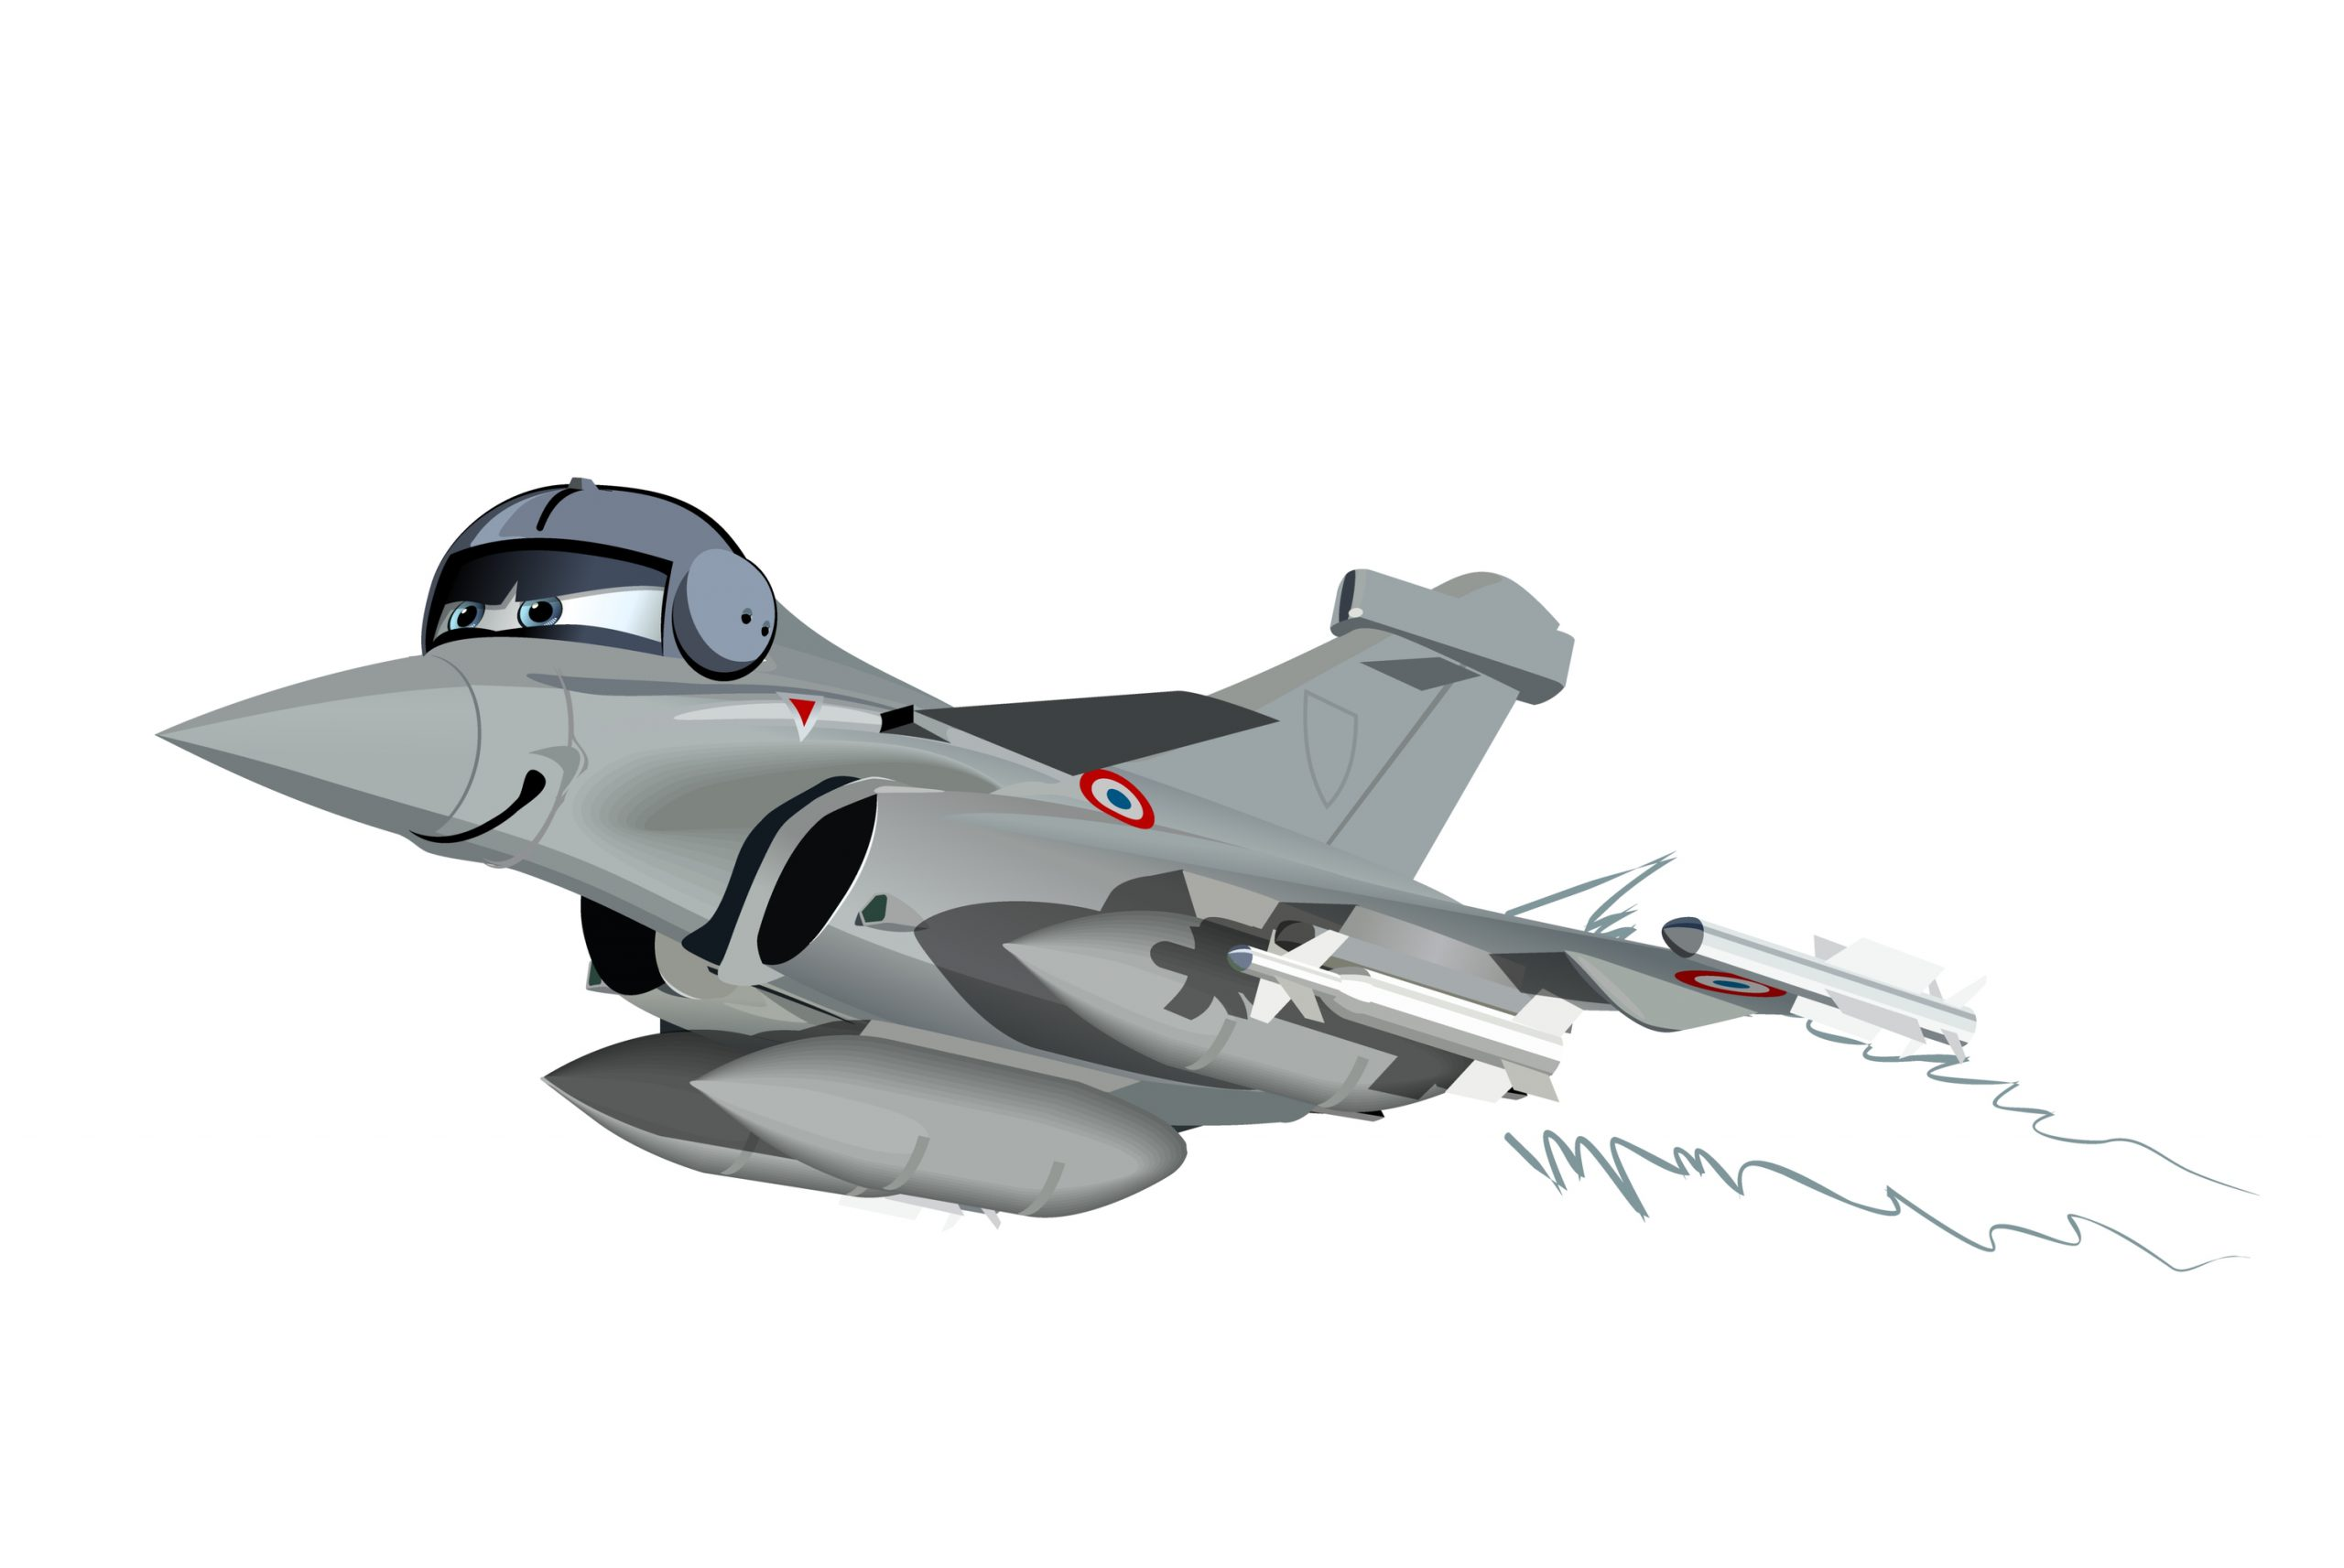 BS_Cartoon Fighter_Mechanik_182386873